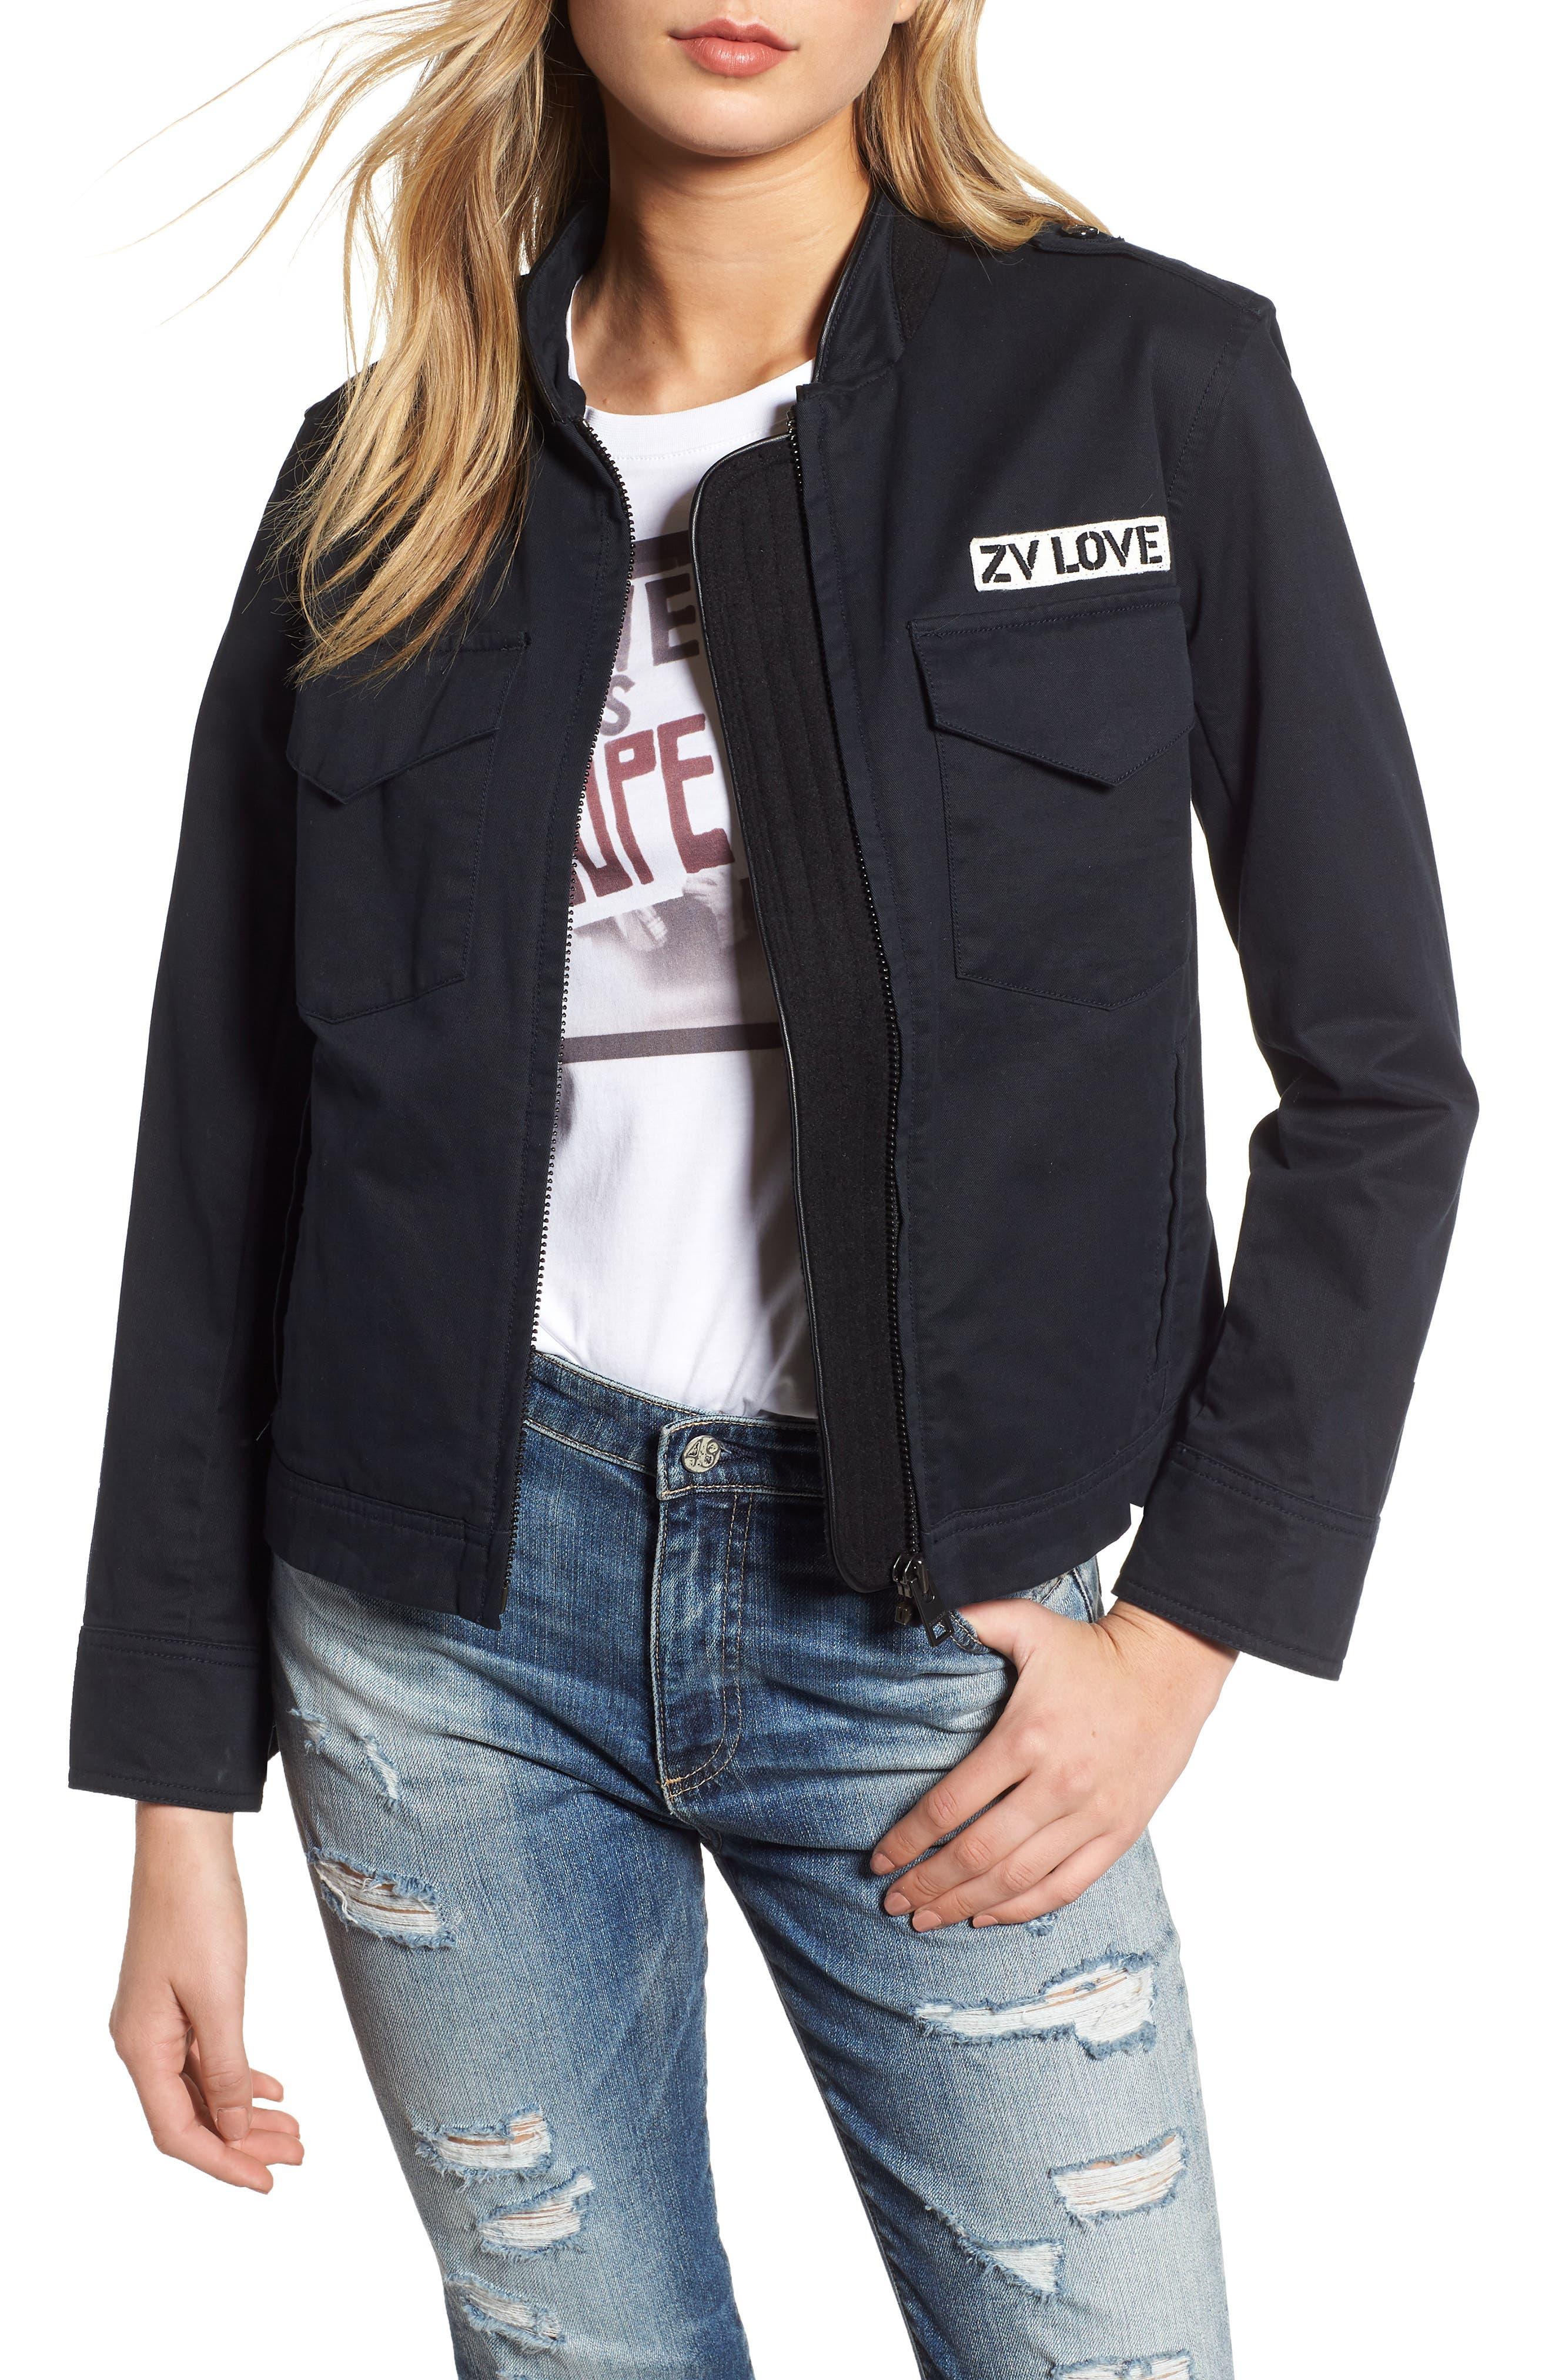 ZADIG & VOLTAIRE Kavy Spi Embroidered Jacket, Main, color, 001